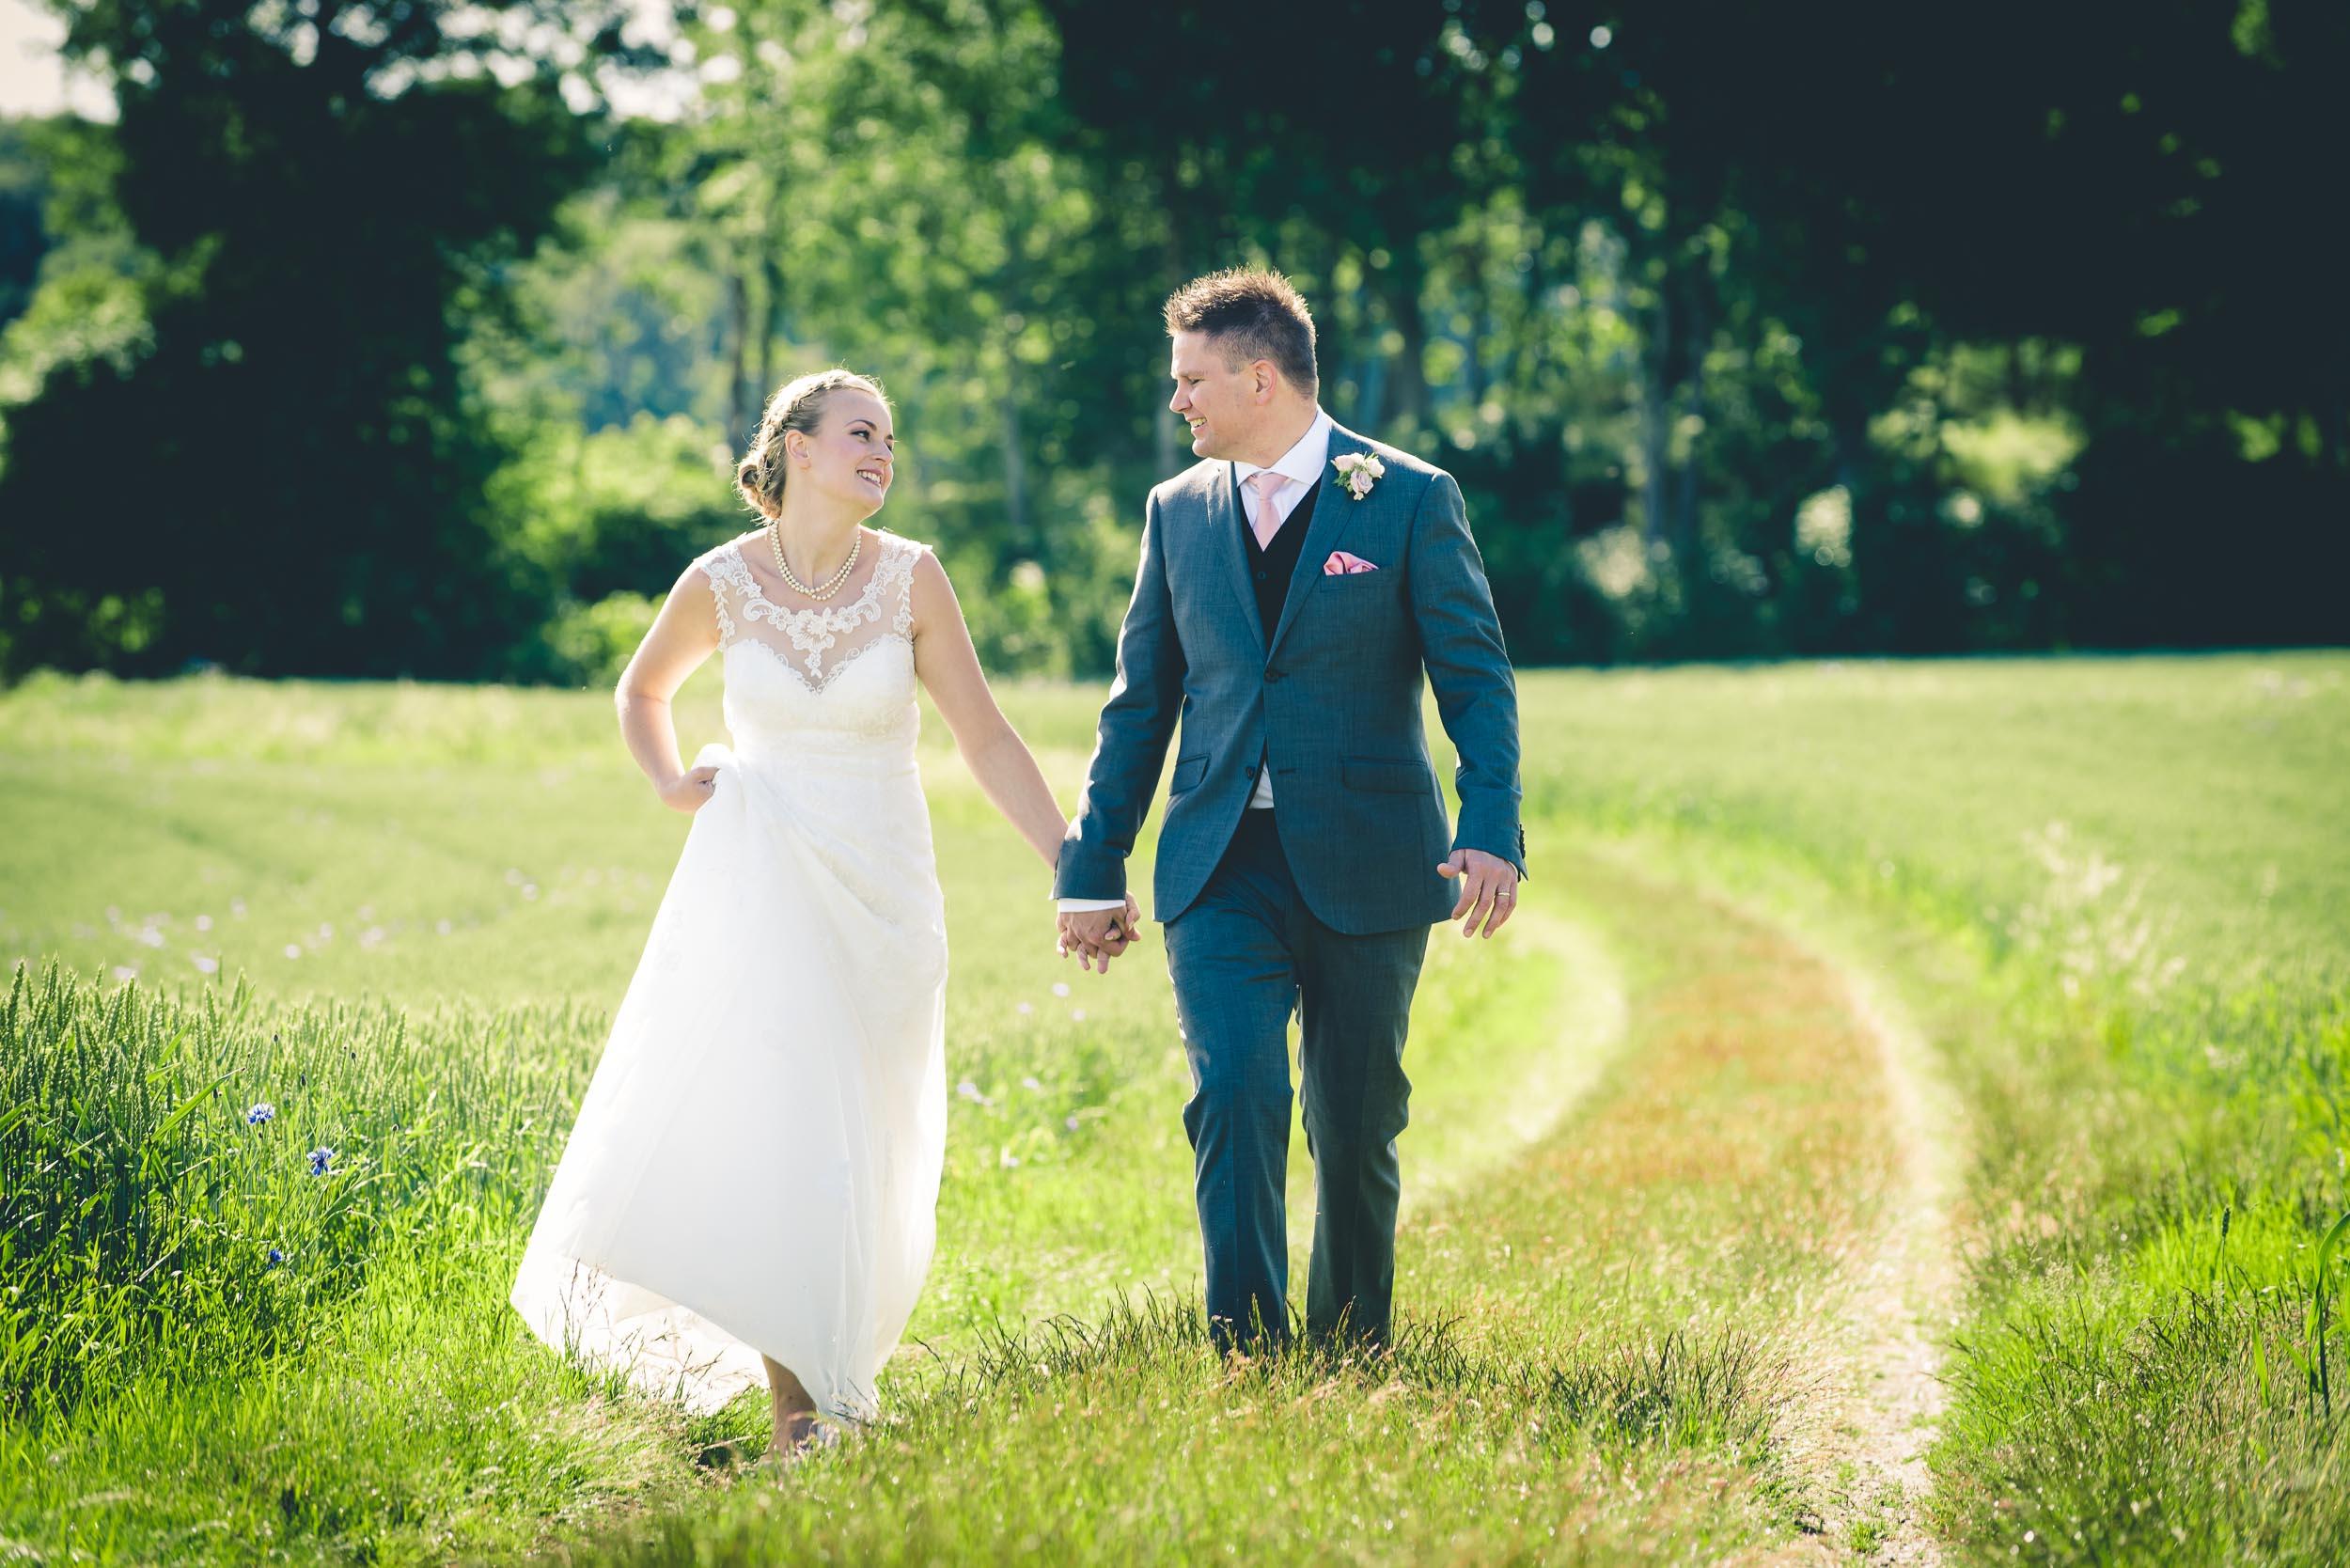 bröllopsfoto-blekinge-juni17-3.jpg